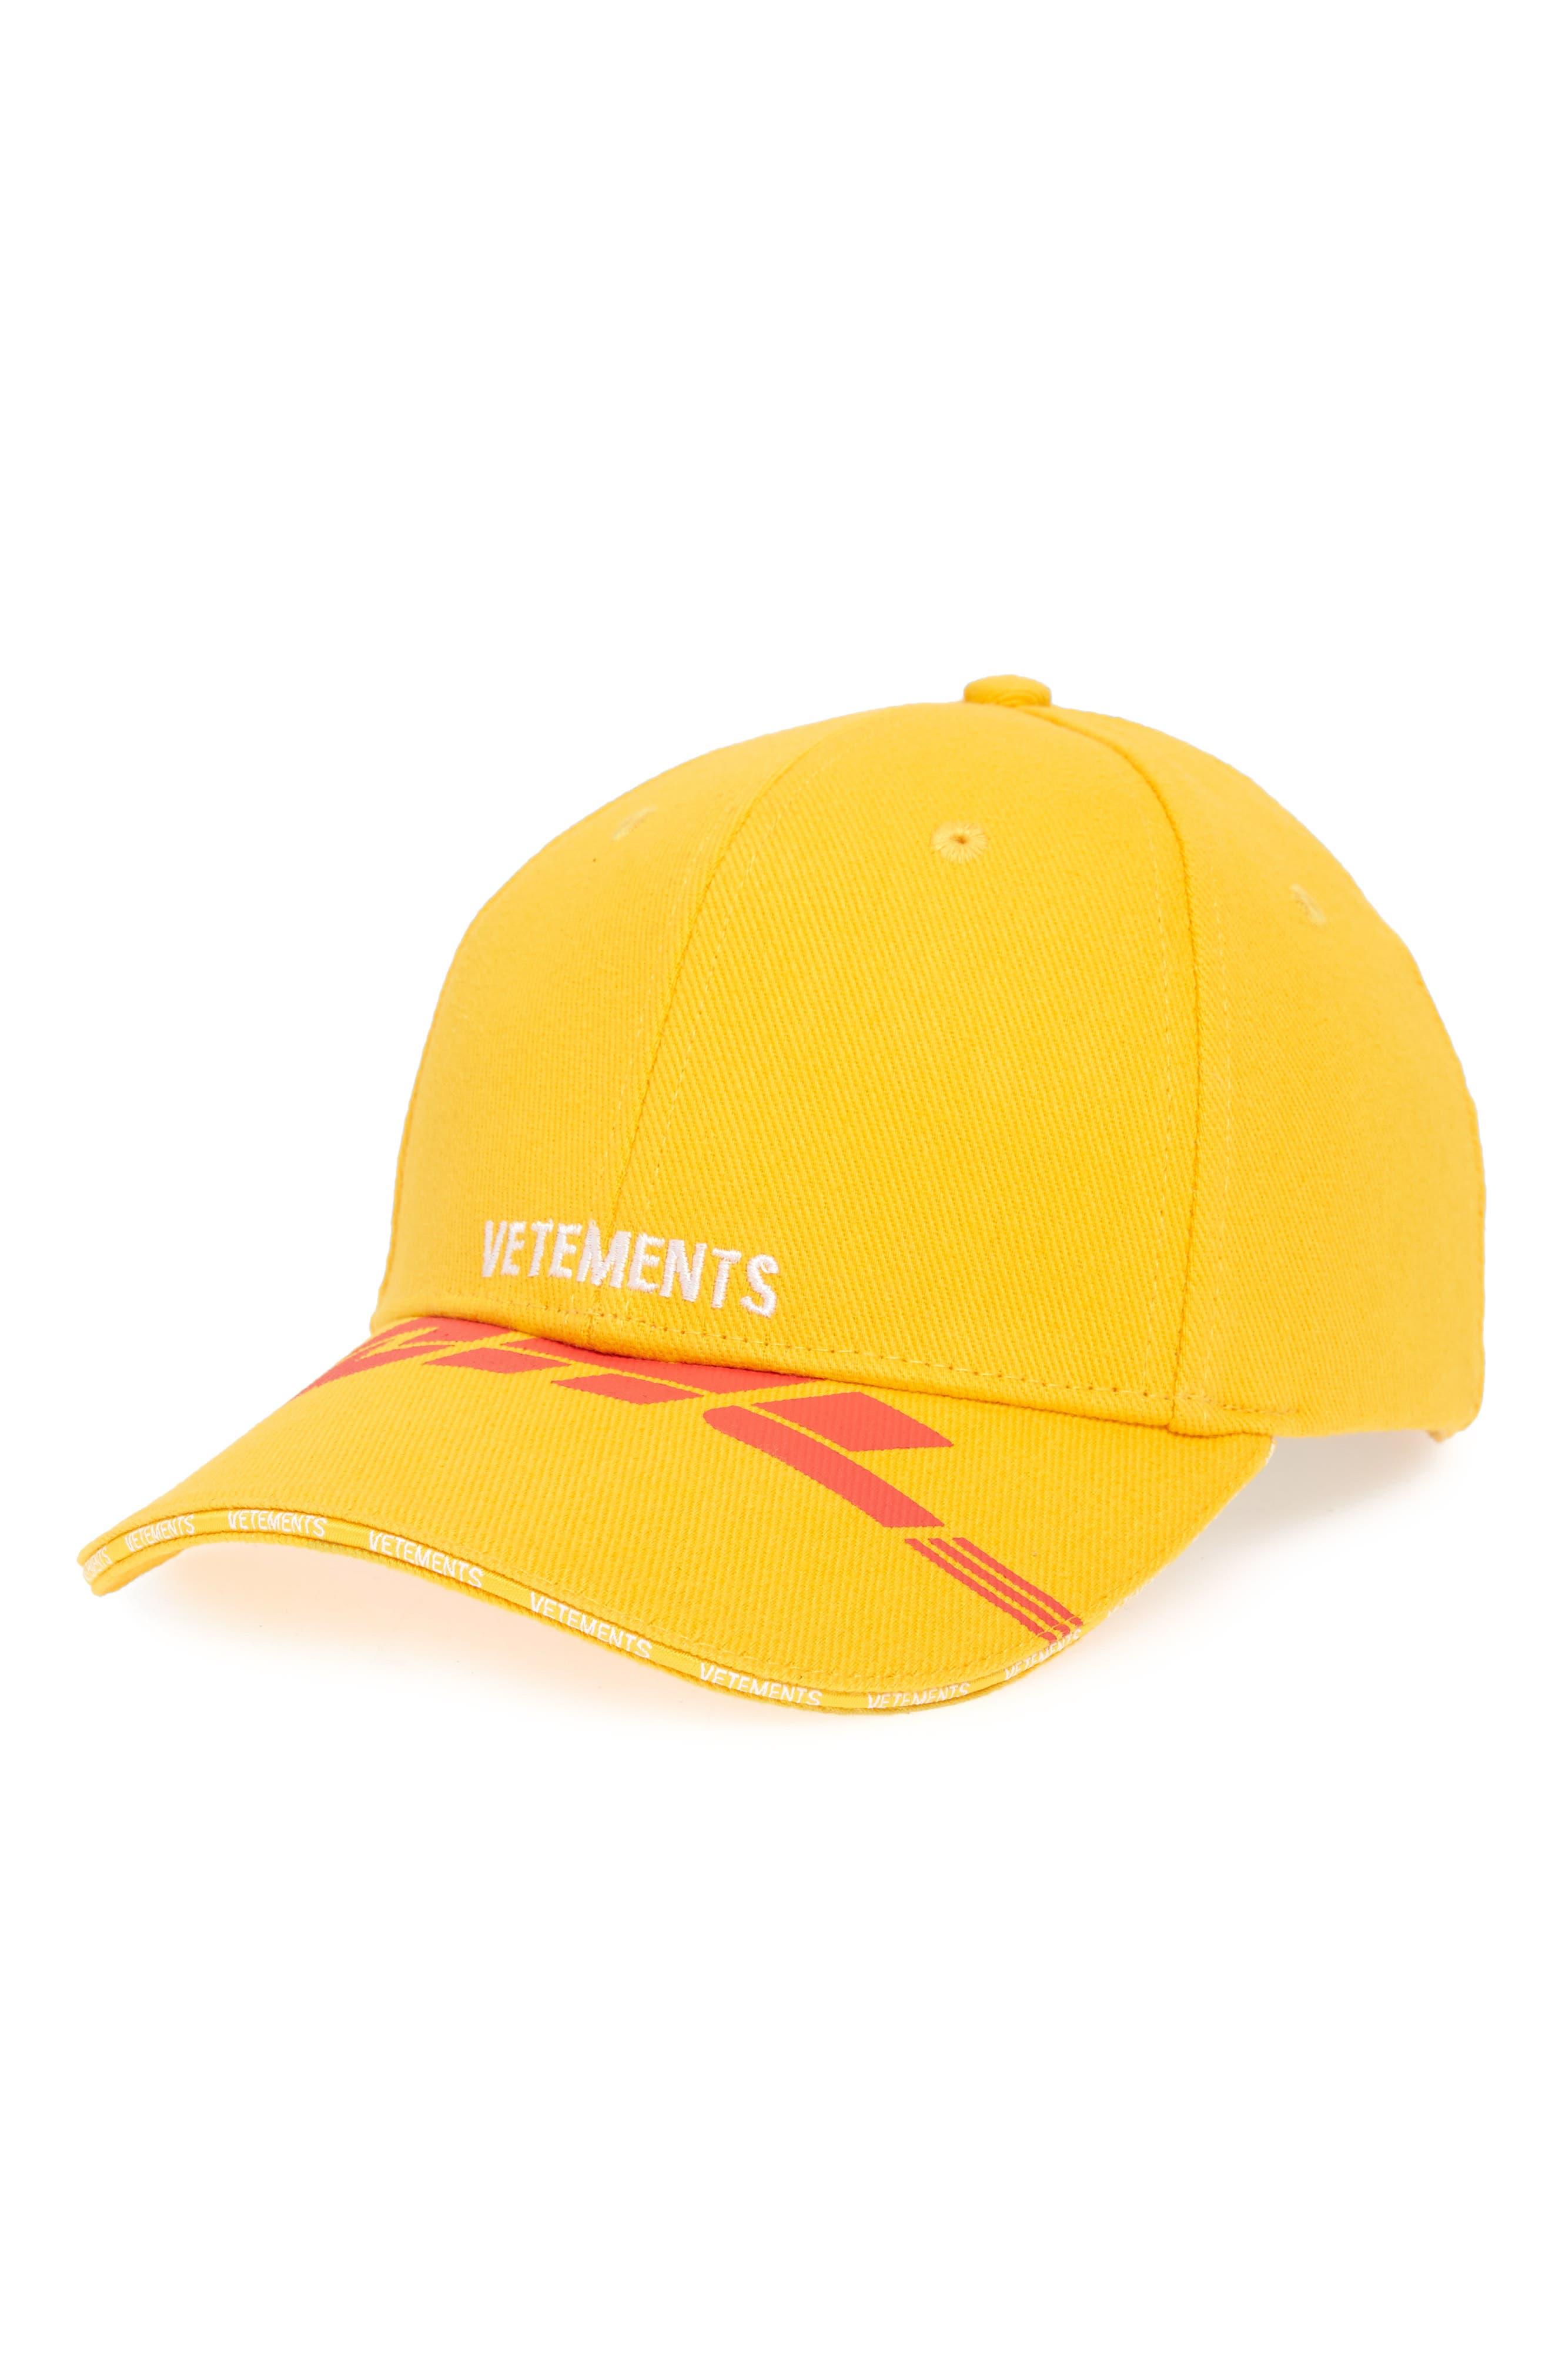 Vetements DHL Cap